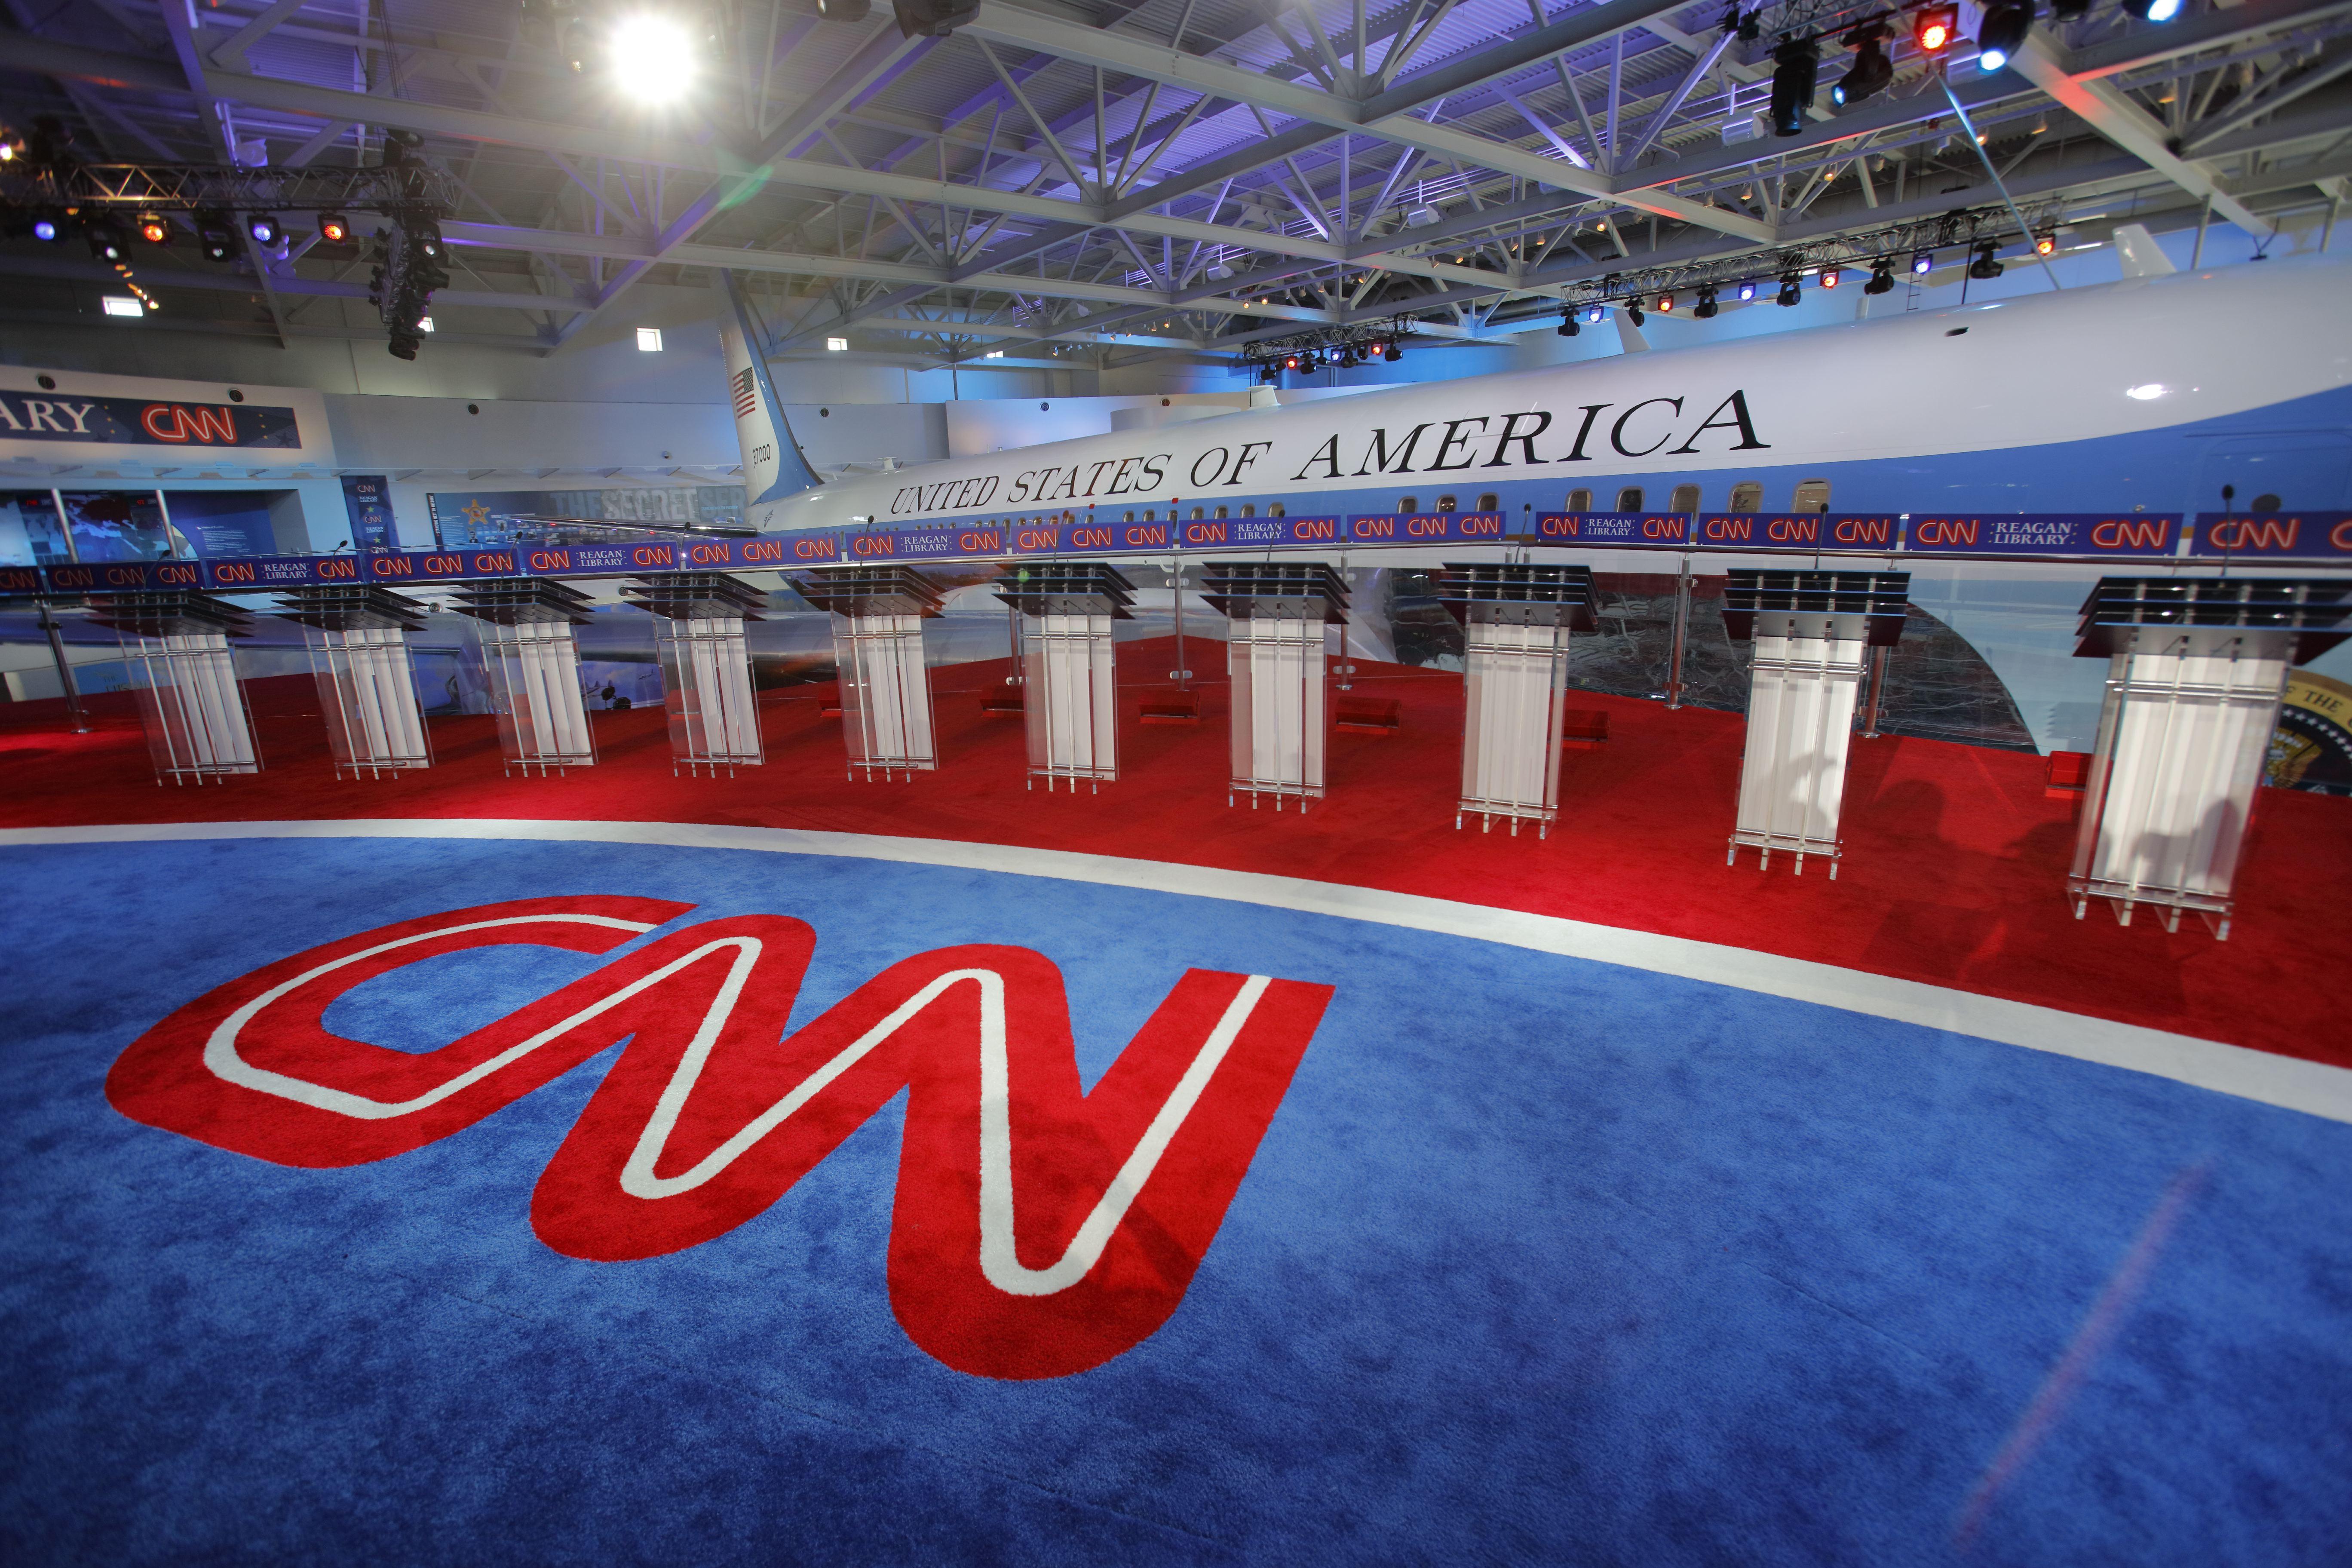 CNN Sues Donald Trump Over First & Fifth Amendment Rights